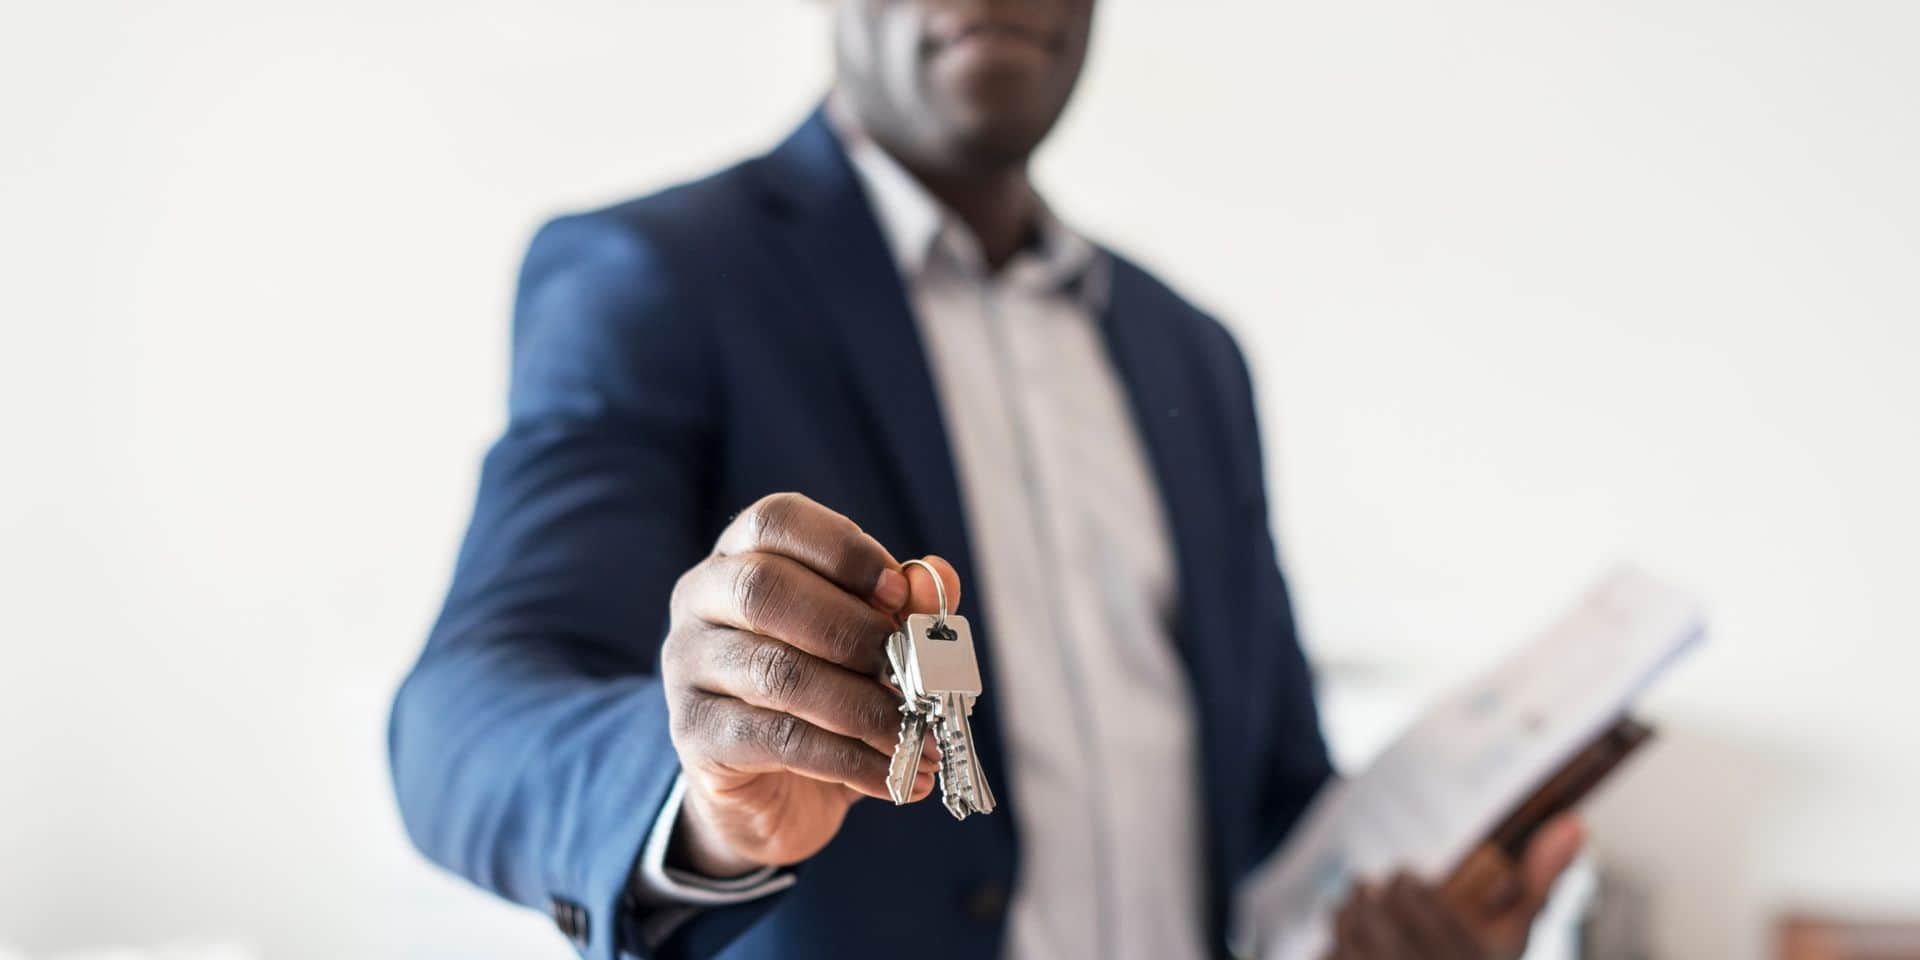 """""""A l'avenir, l'agent immobilier devra se spécialiser davantage, en exploitant des niches de marché"""", explique le président de l'IPI, Nicolas Watillon."""